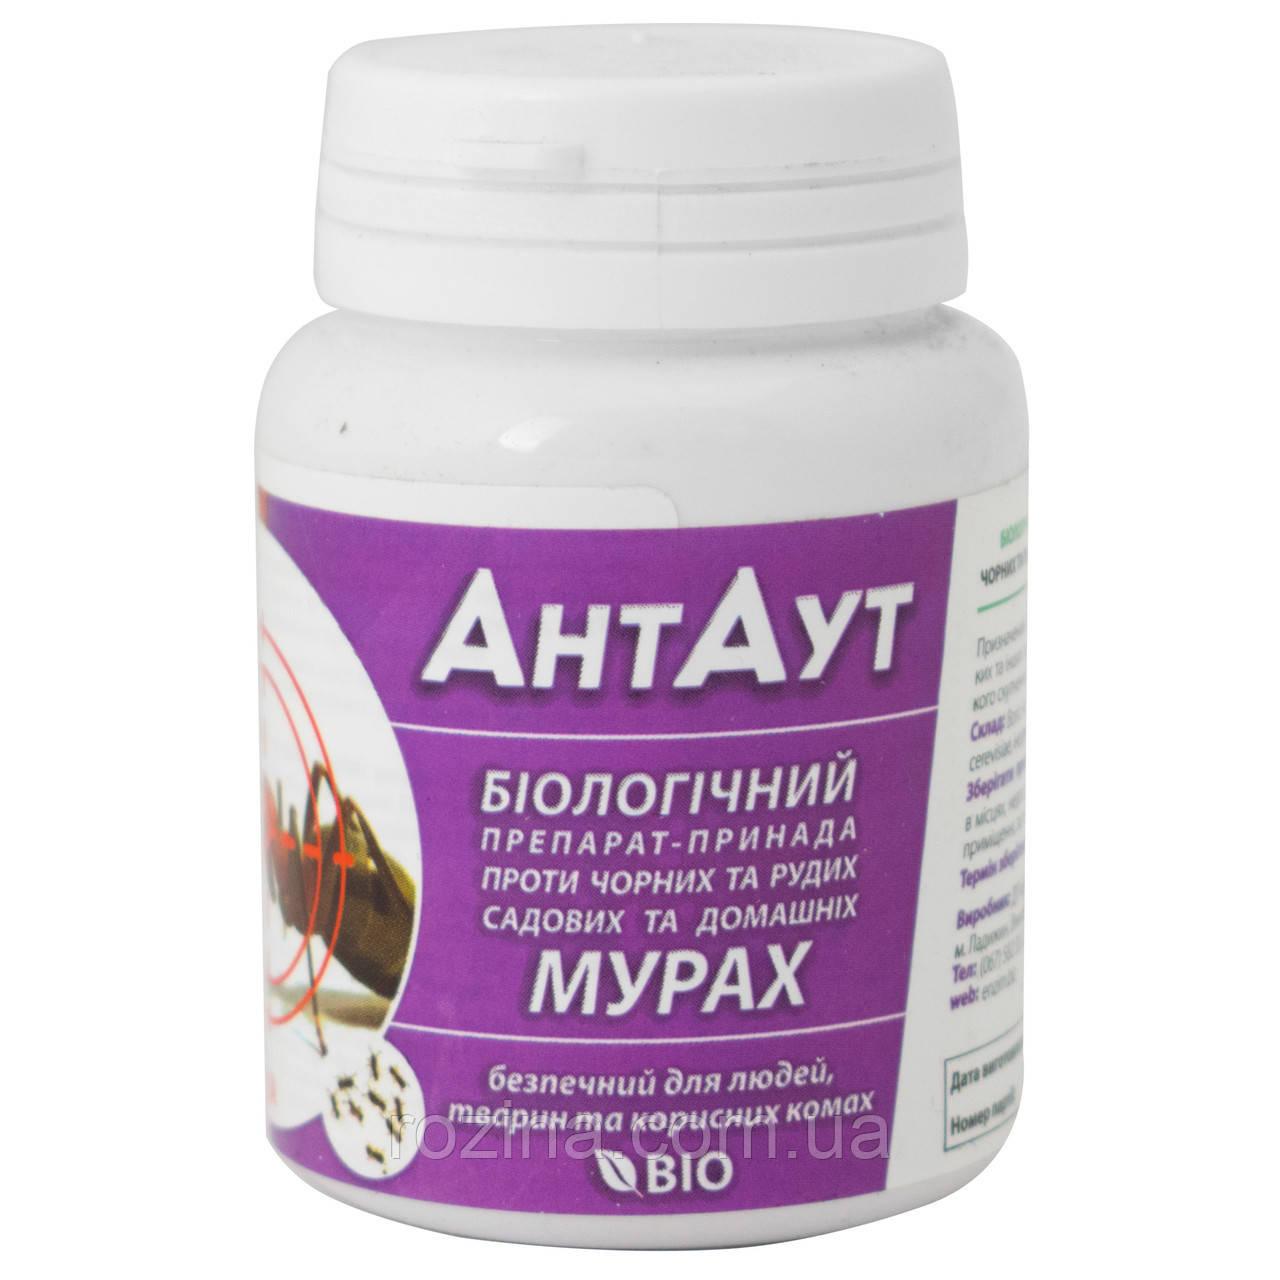 Биоисектицид ОТ МУРАВЬЕВ АНТАУТ 40 Г